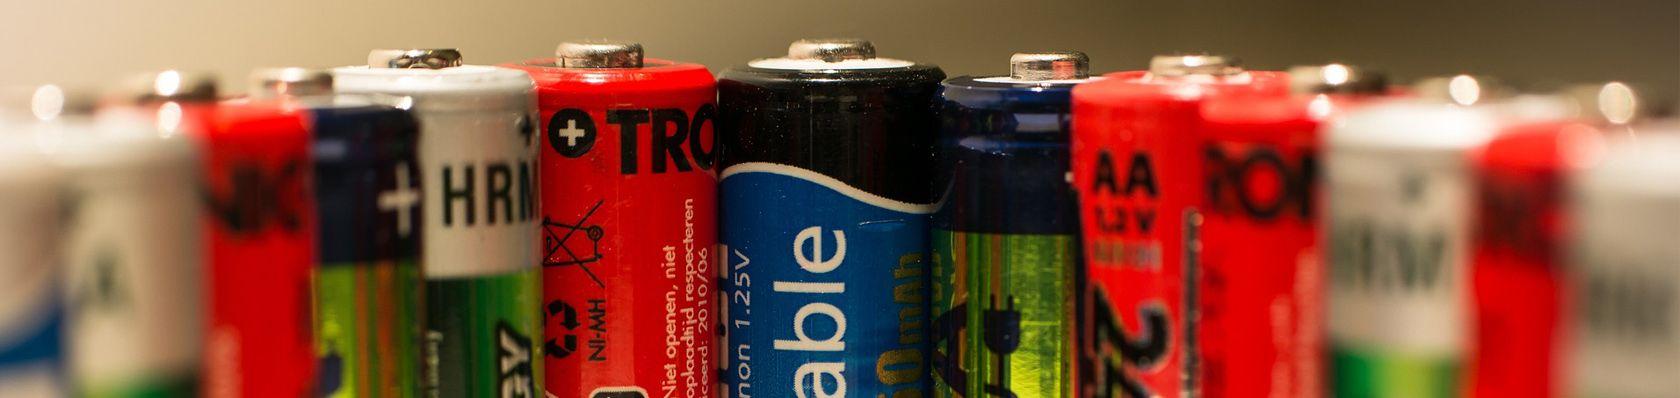 Batterien  im Test auf ExpertenTesten.de